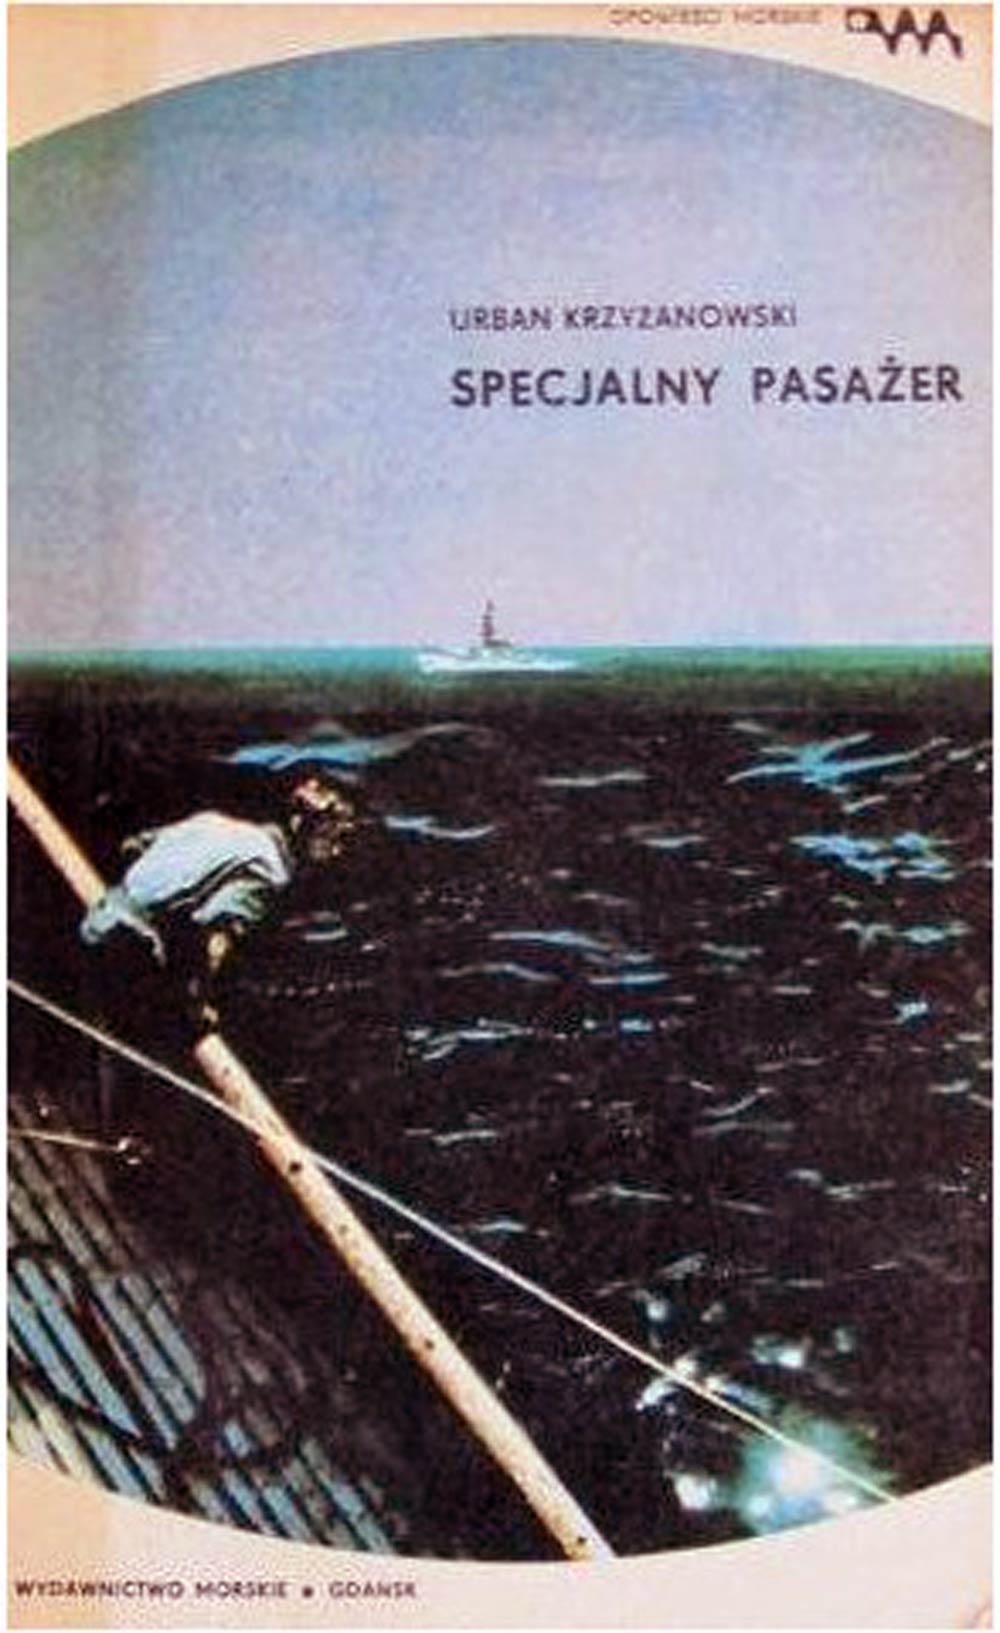 [Krzyżanowski Urban] Specjalny pasażer / Urban Krzyżanowski. - Wydawnictwo Morskie Gdańsk, 1977. - 227 s.